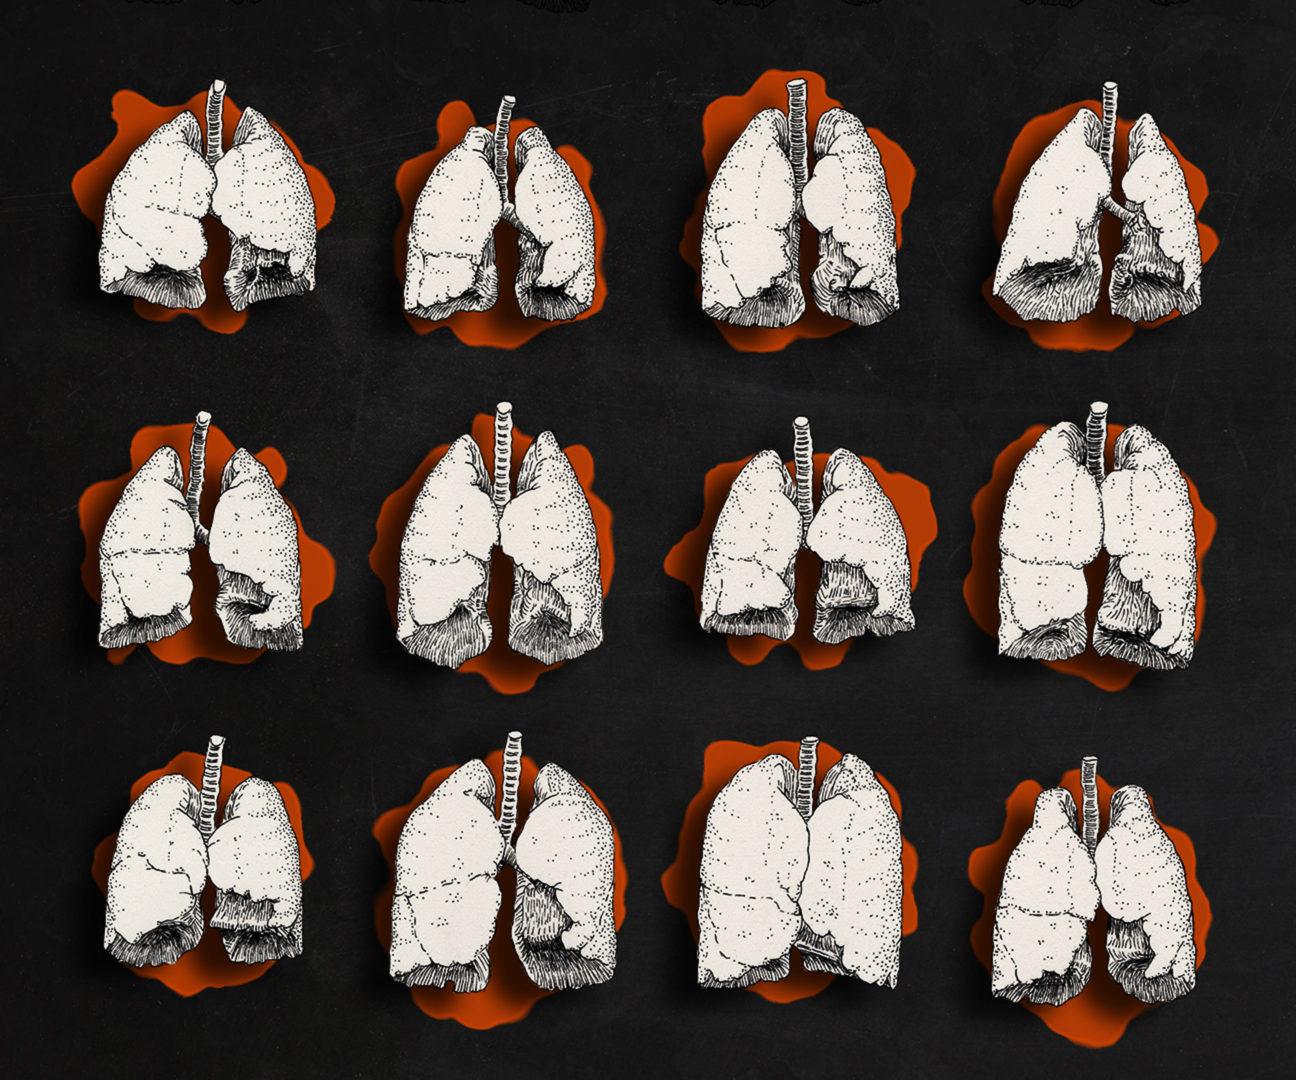 Illustration: Strichzeichung von 12 unterschiedliche menschliche Lungen in Frontalansicht